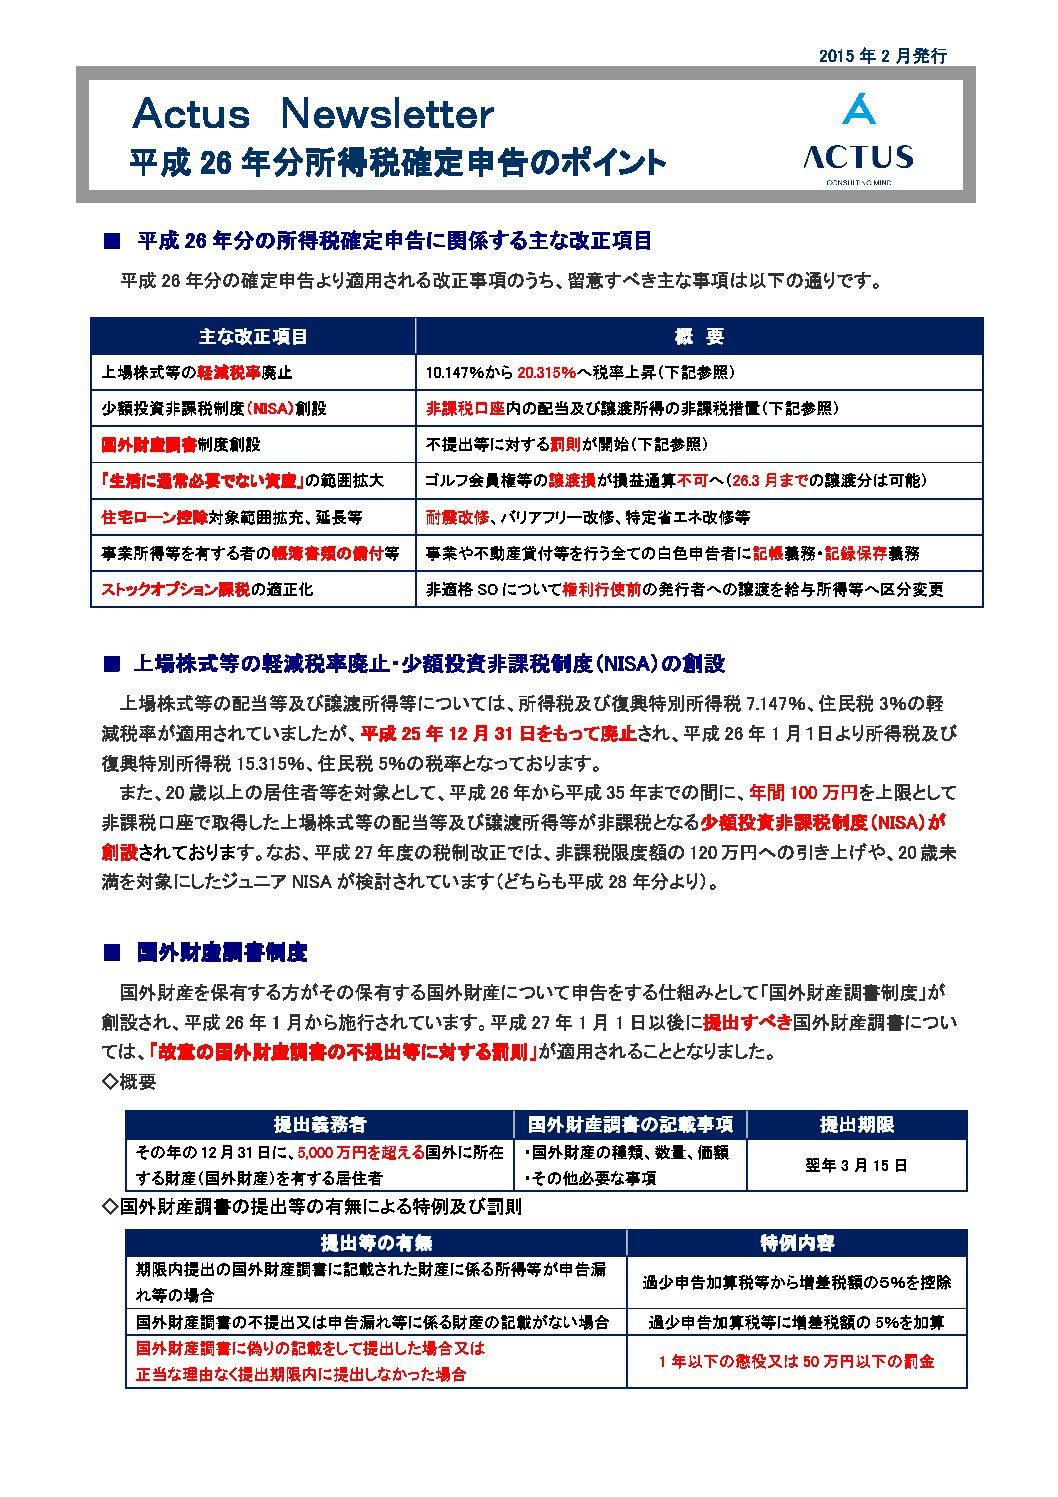 平成26年分 所得税確定申告のポイント